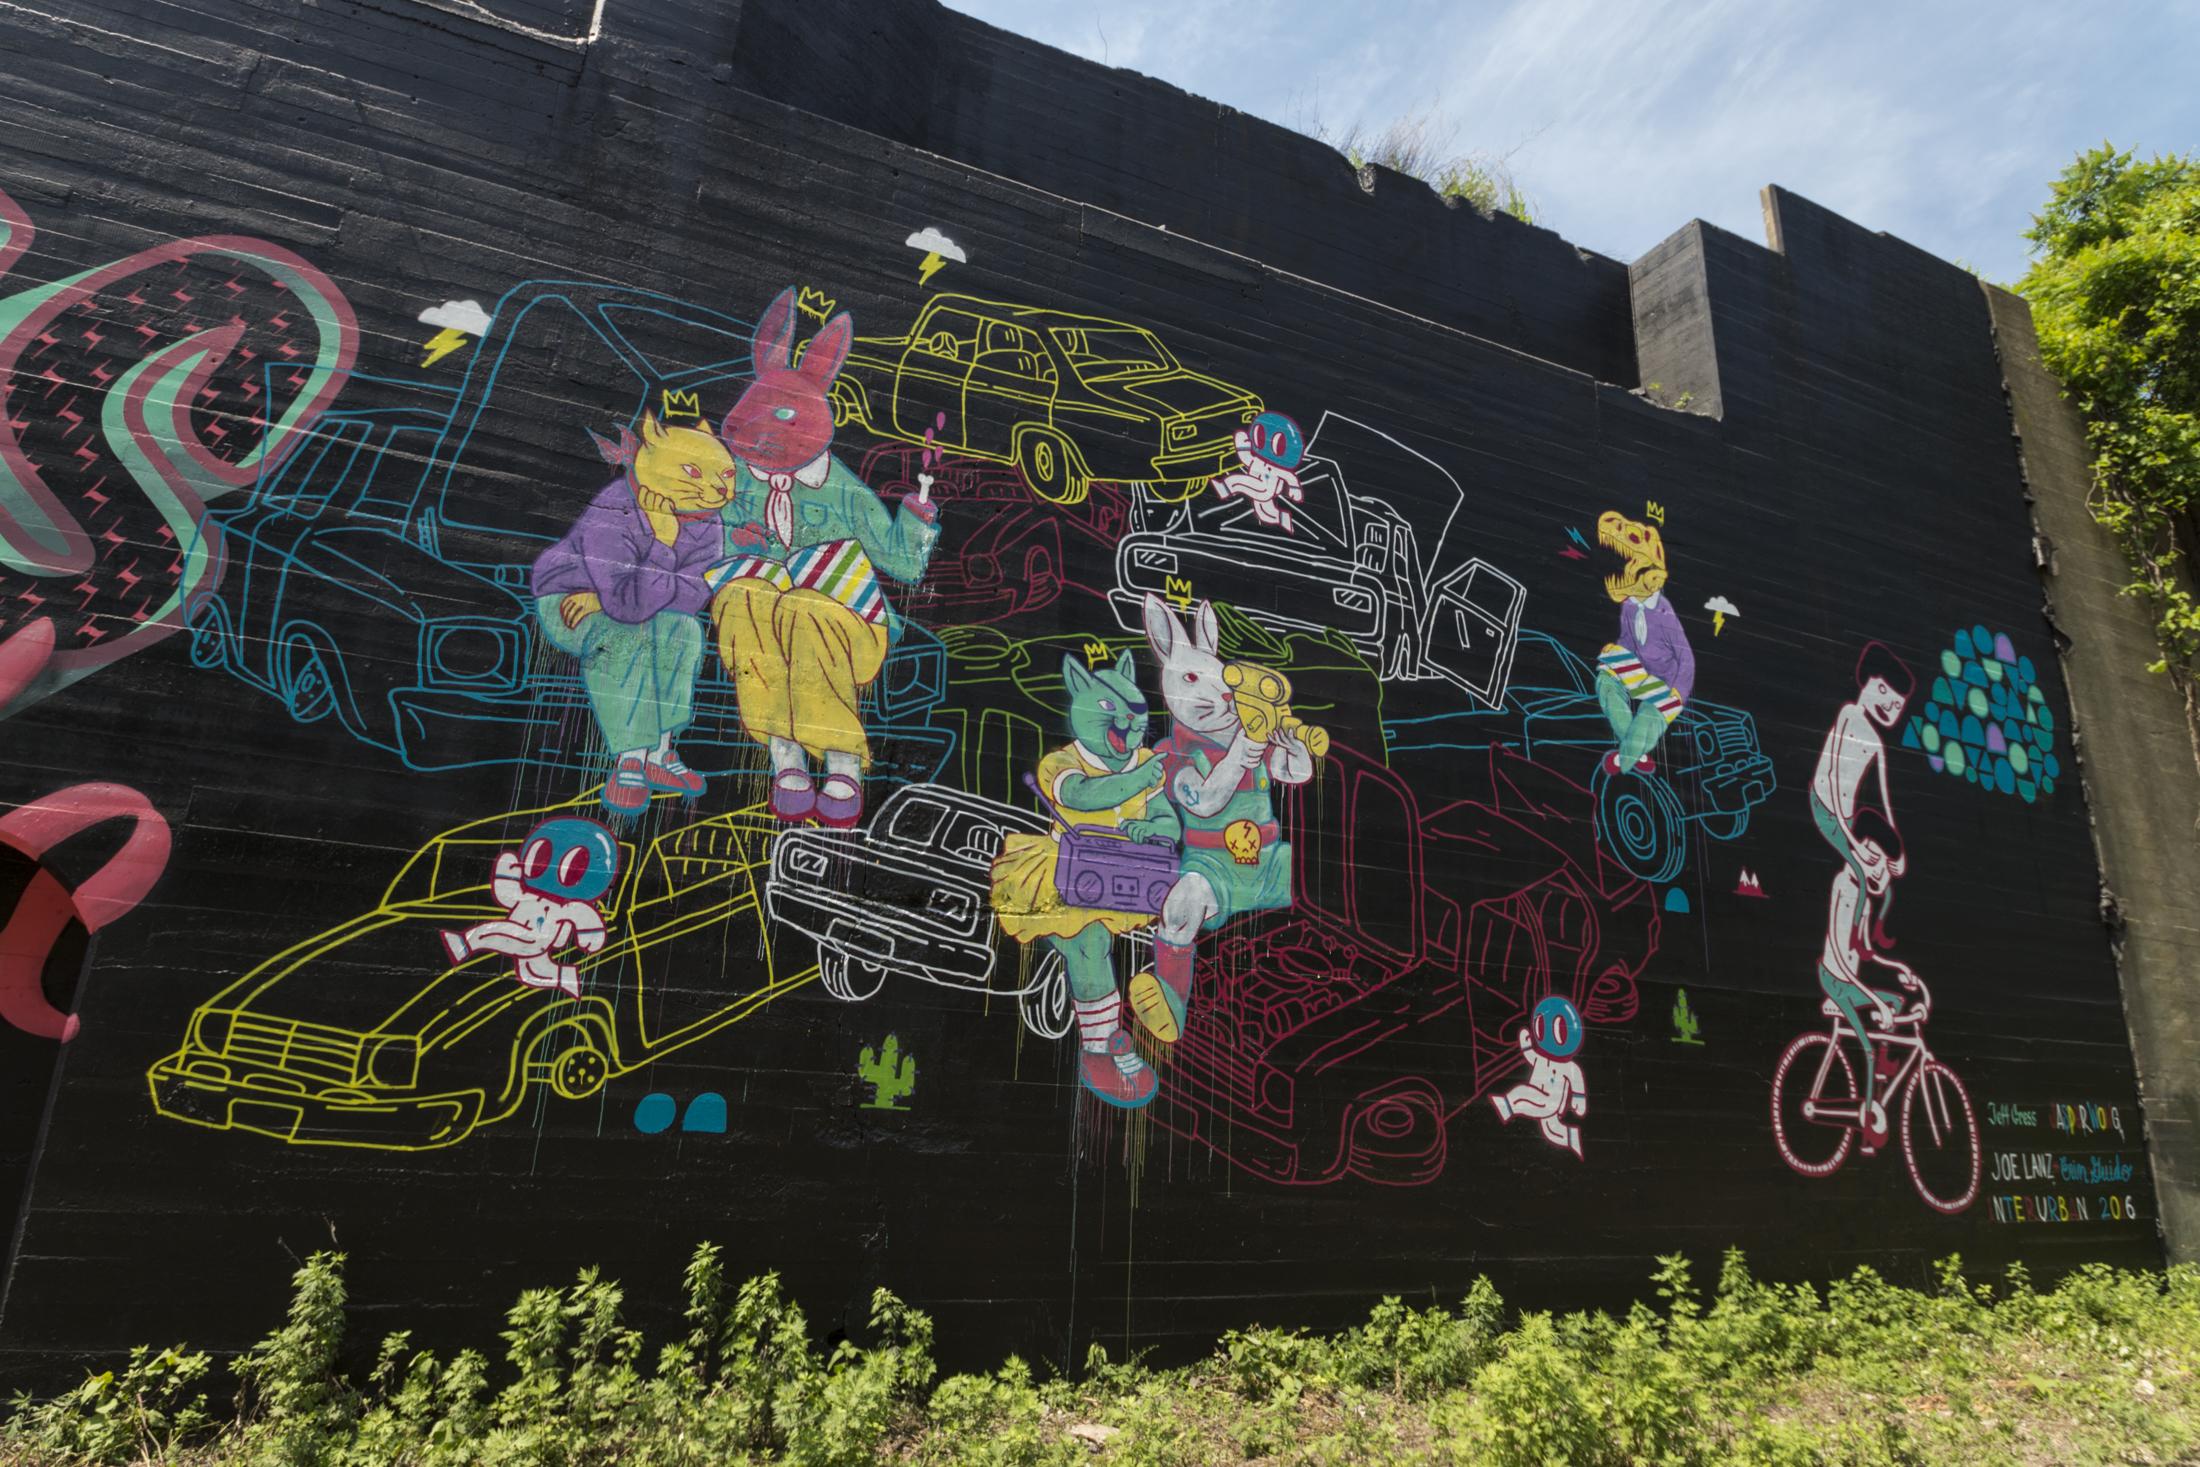 002inter-urban_art-n-culture_connector_0671.jpg